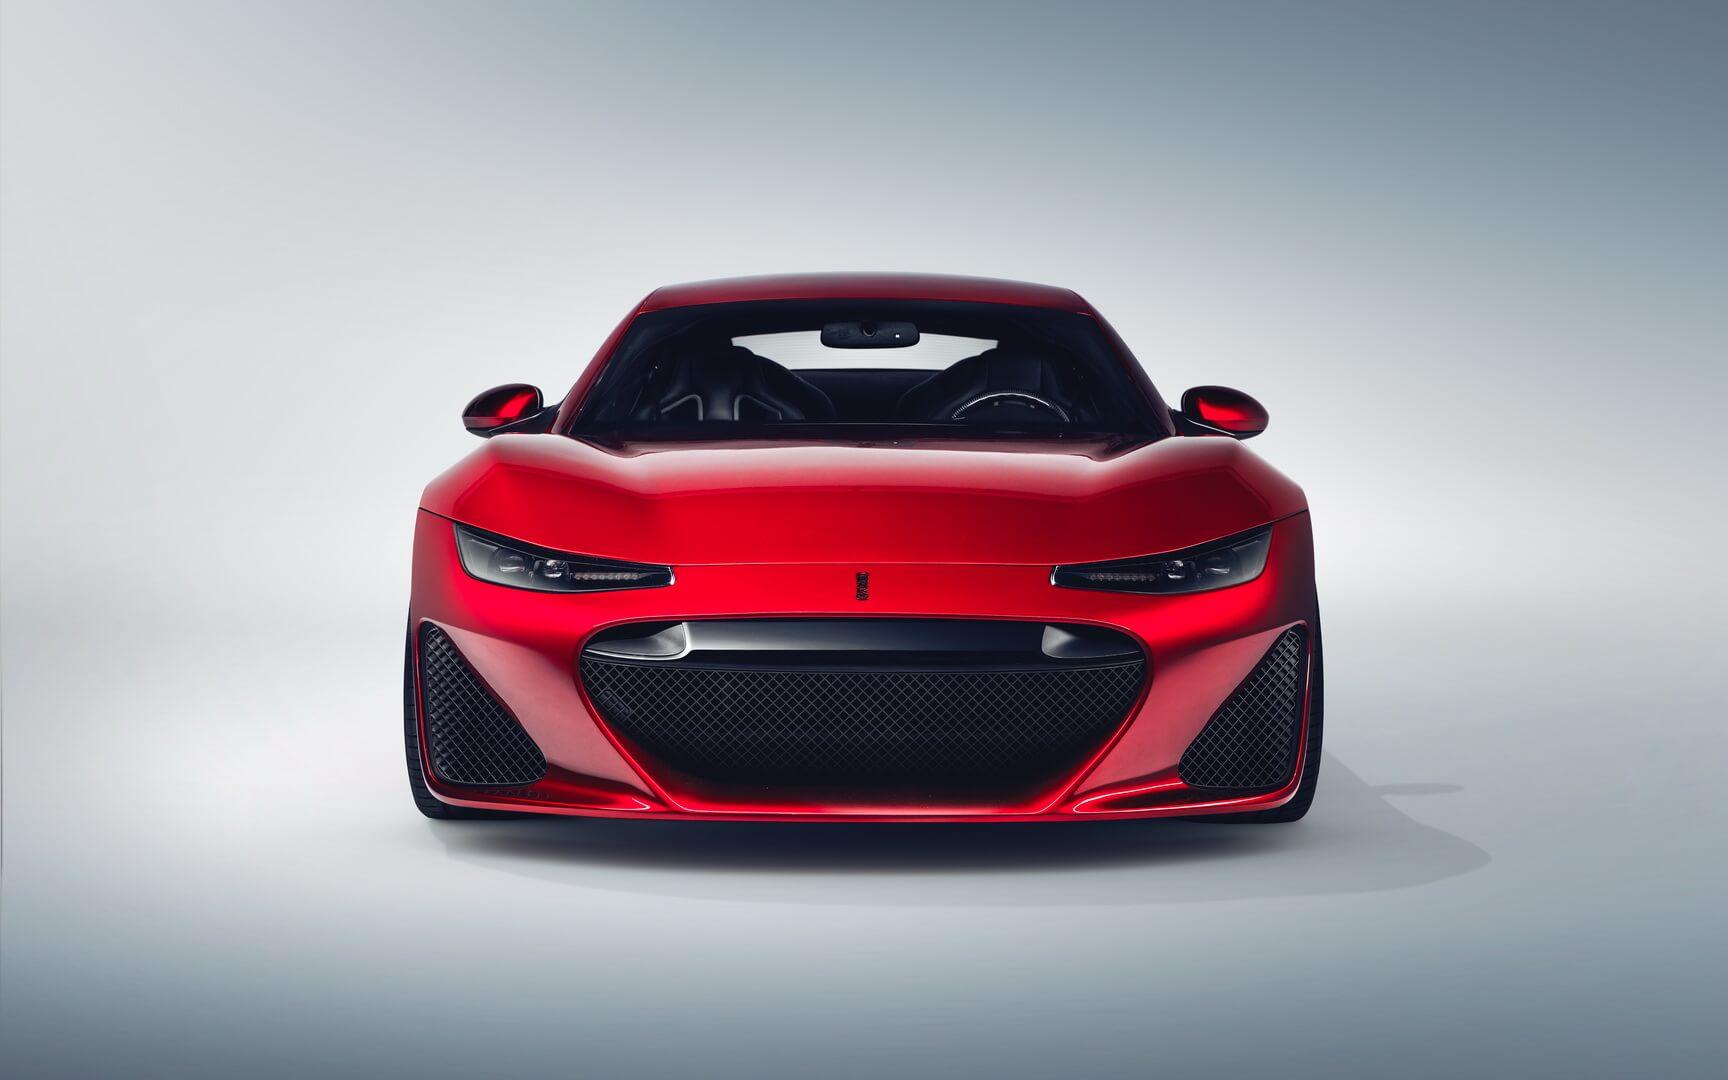 Электрический суперкар Drako GTE - вид спереди